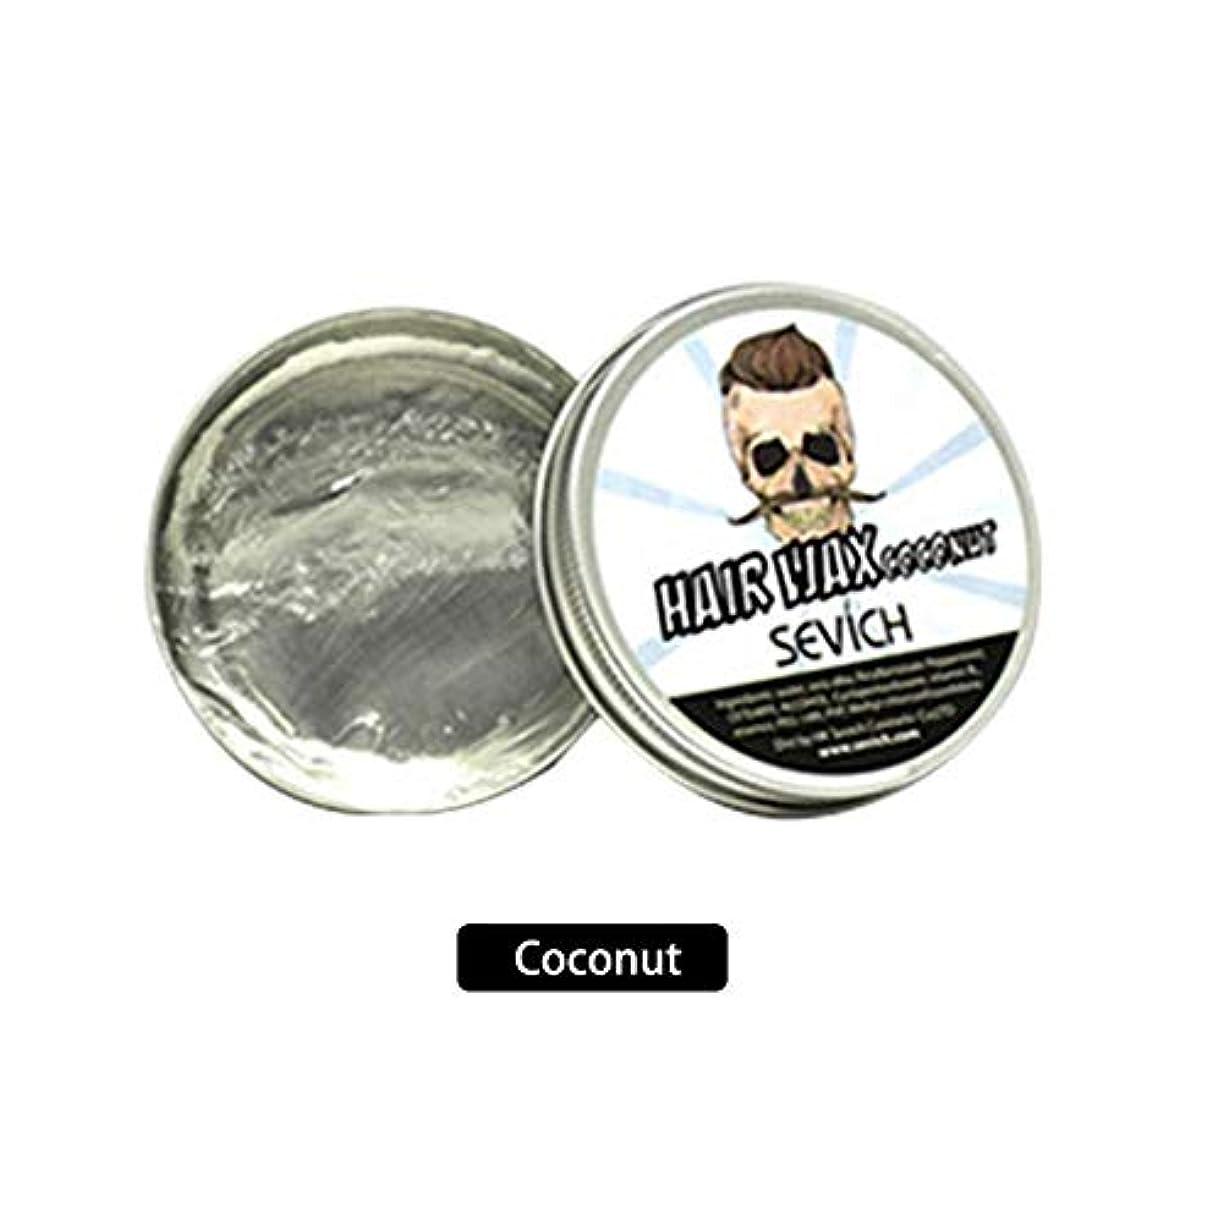 類推ブラザーブートLibeauty メンズヘアワックスヘアクリームクリームソフトで軽い香りメンズ大容量100g